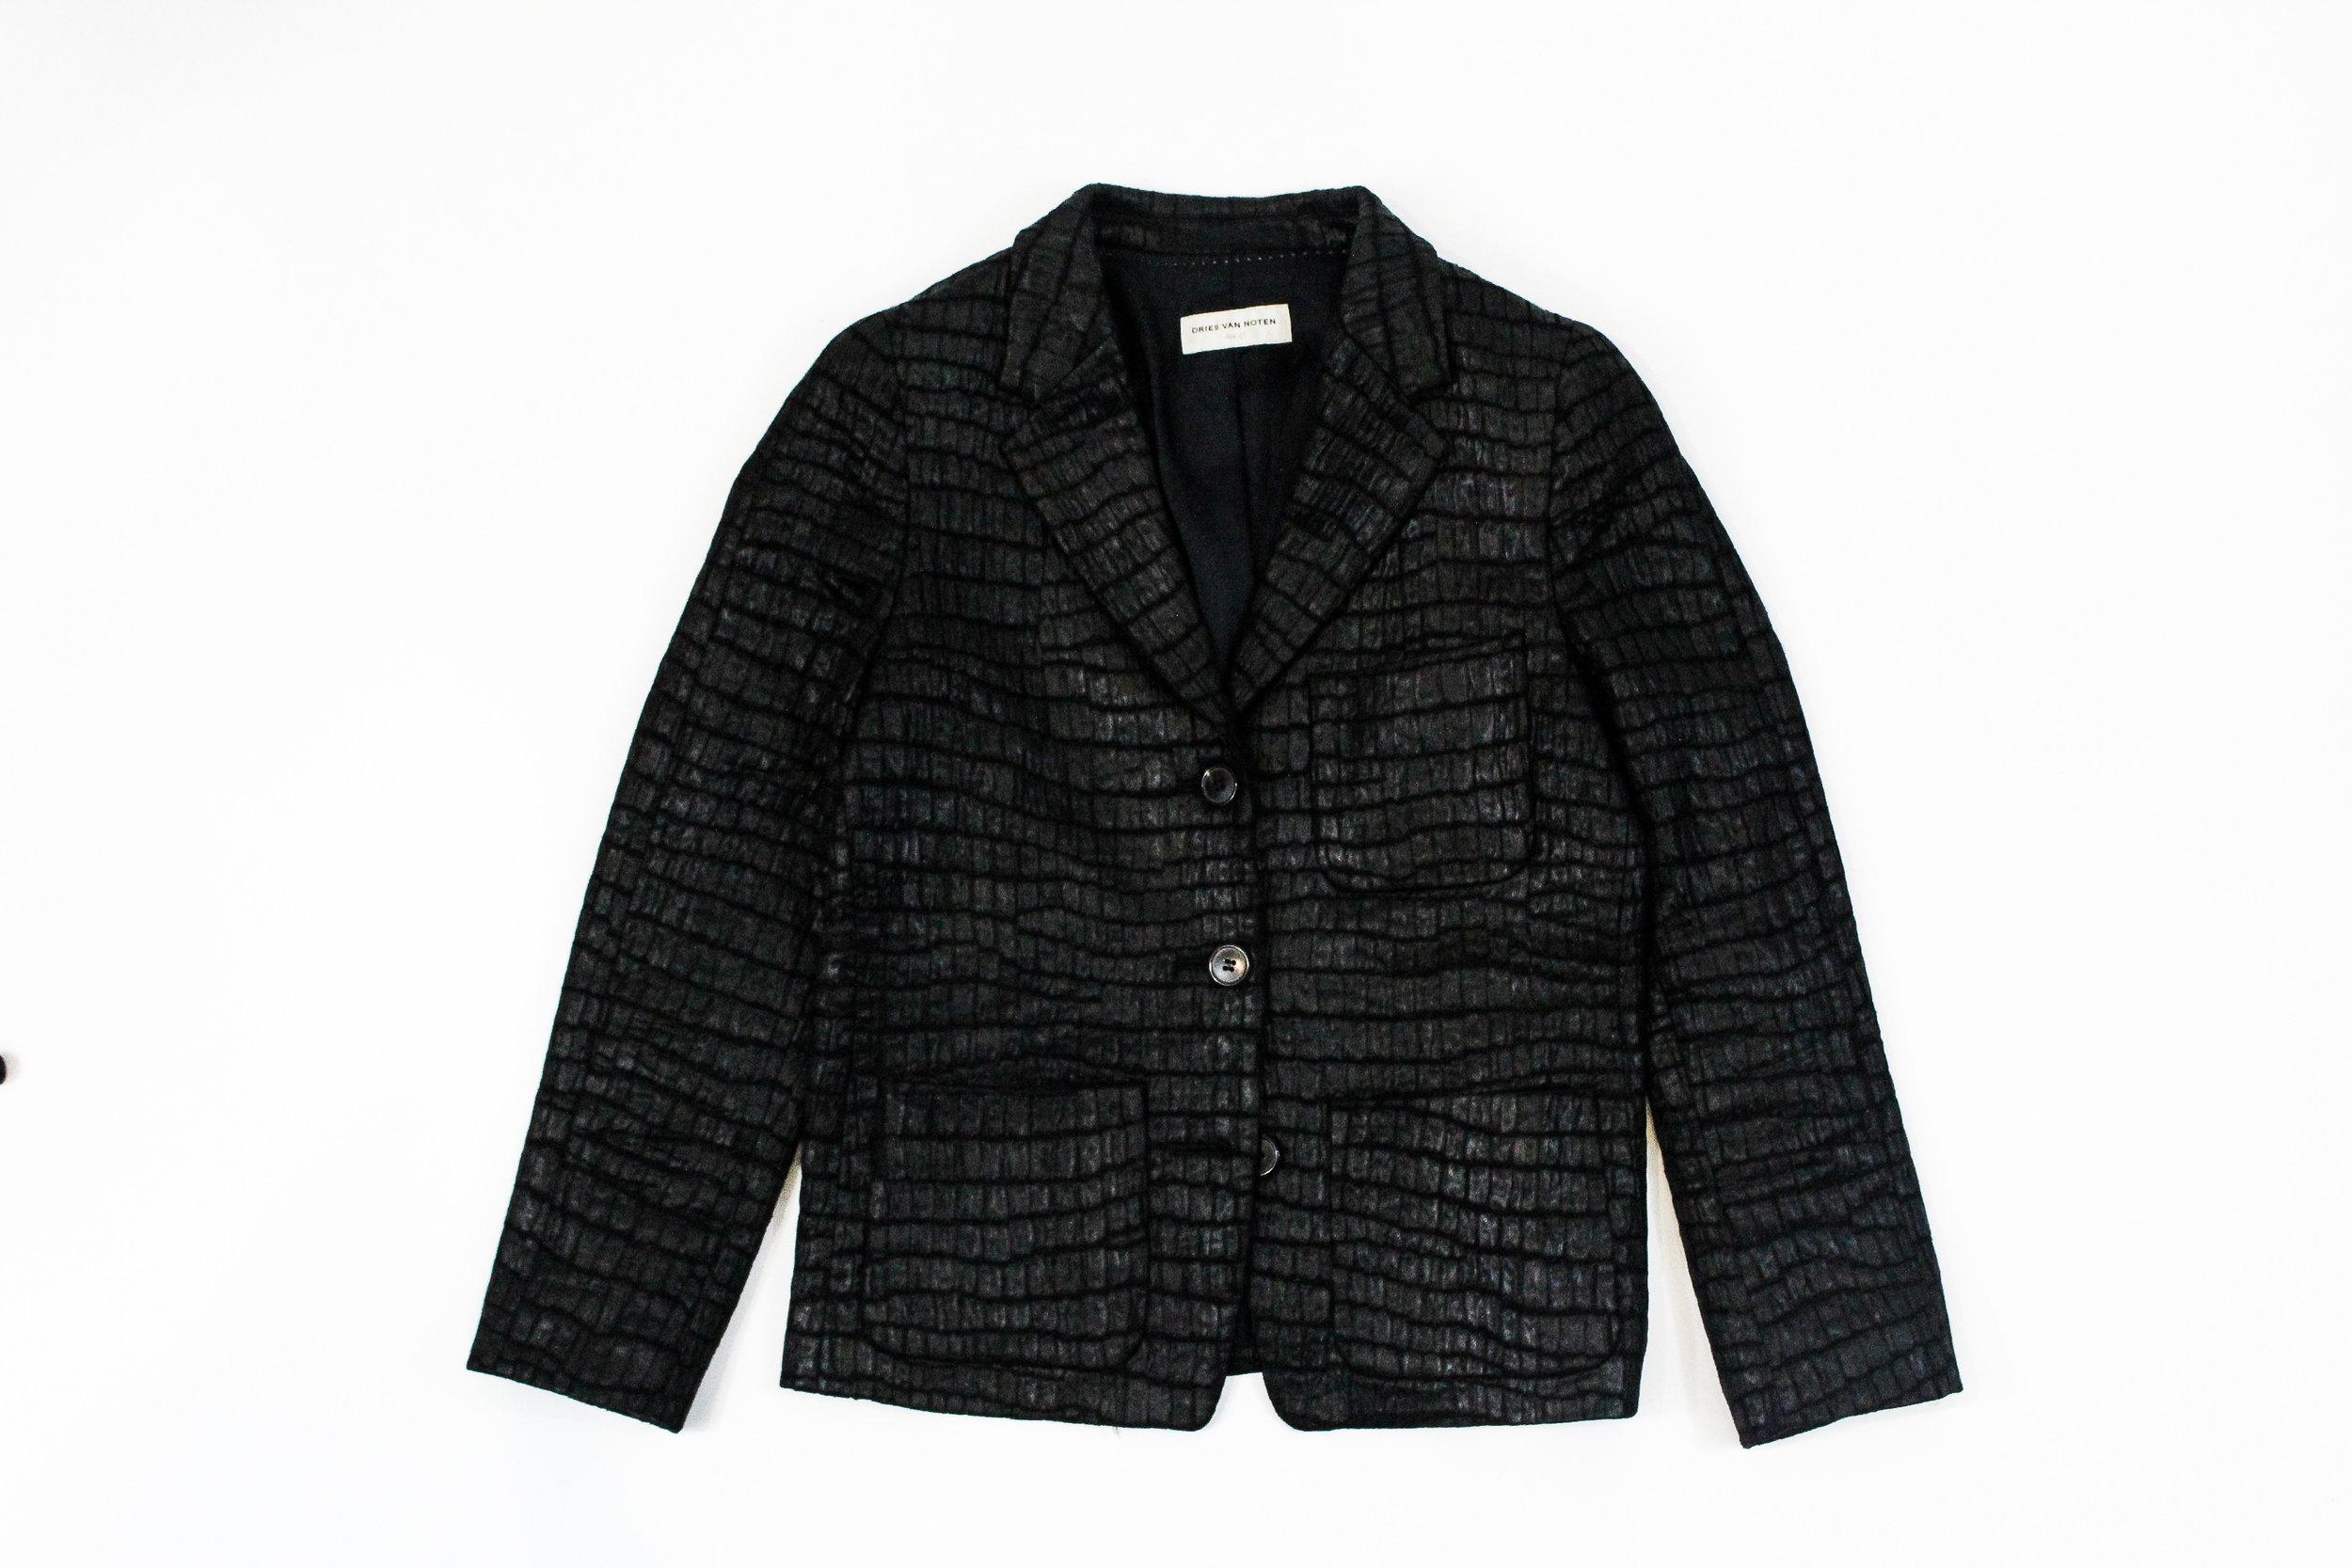 Dries Van Noten Textured Blazer - $175